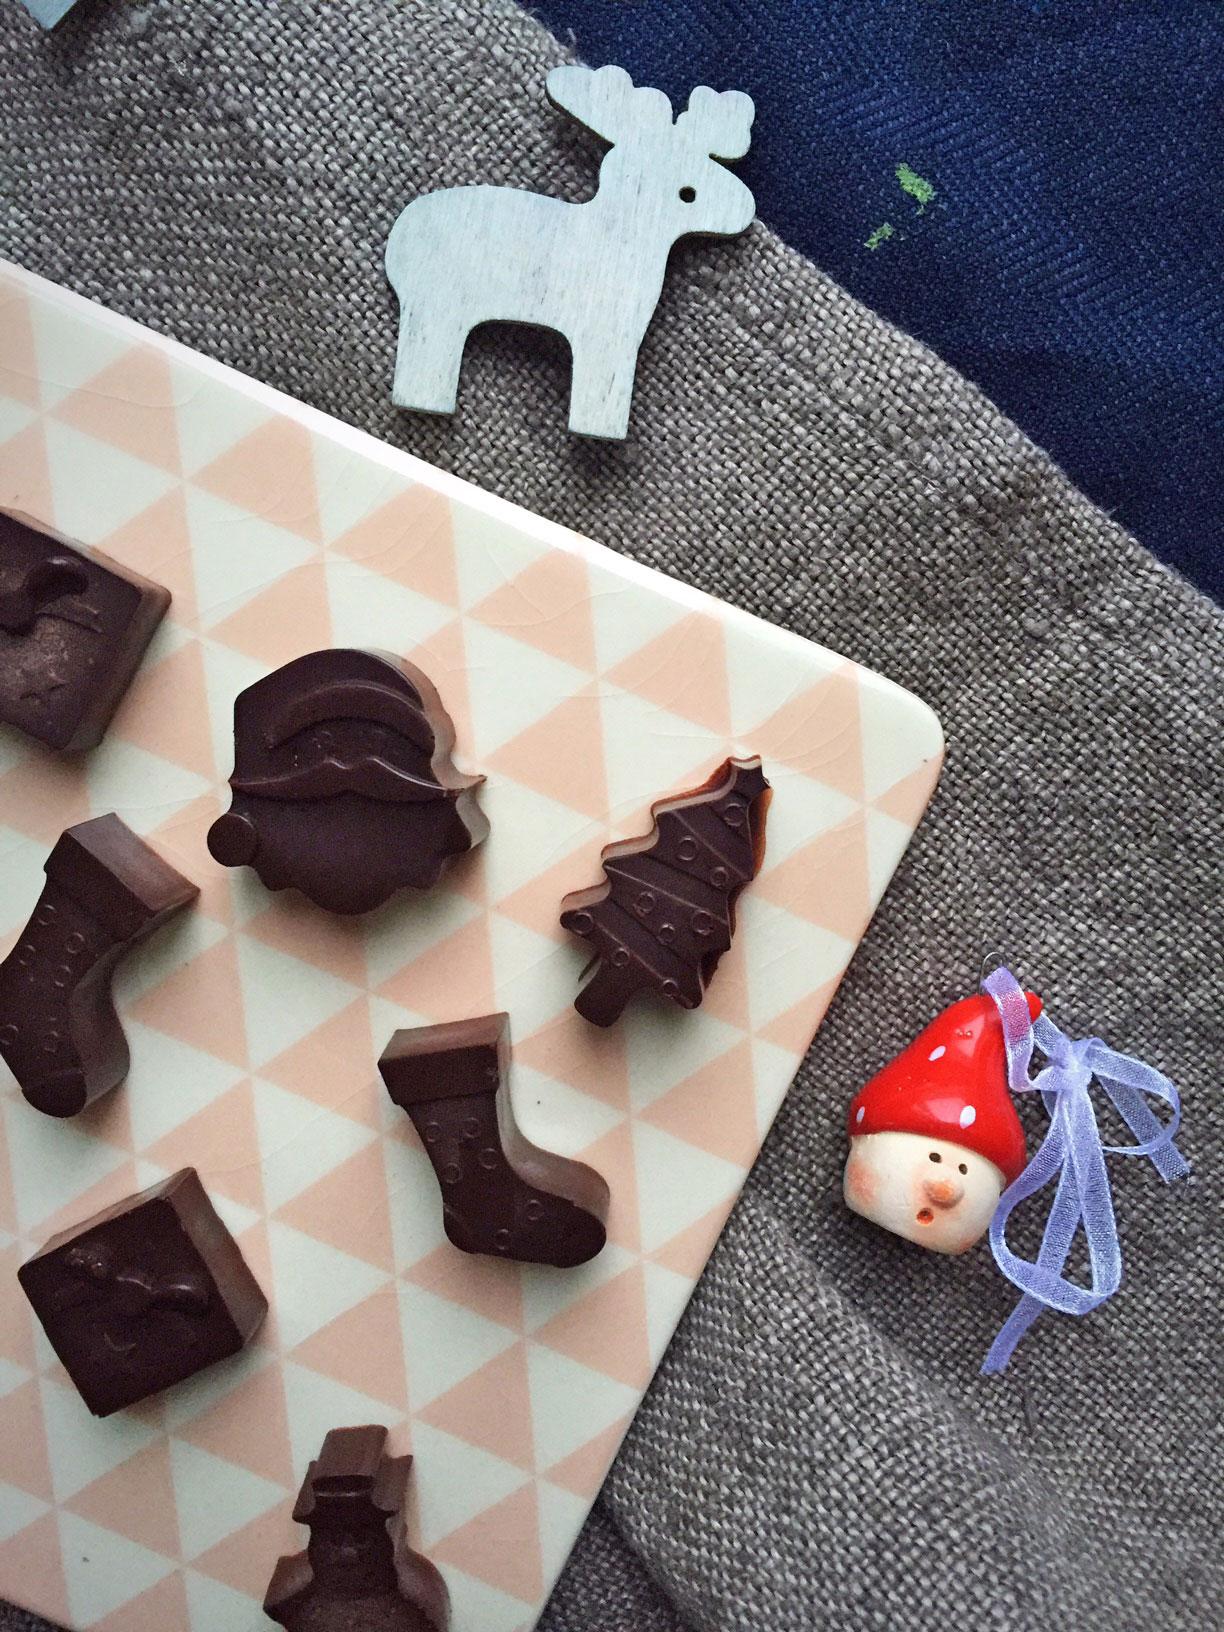 Julegodter uden sukker. LCHF kokos-chokolader uden tilsat sukker --> Madbanditten.dk